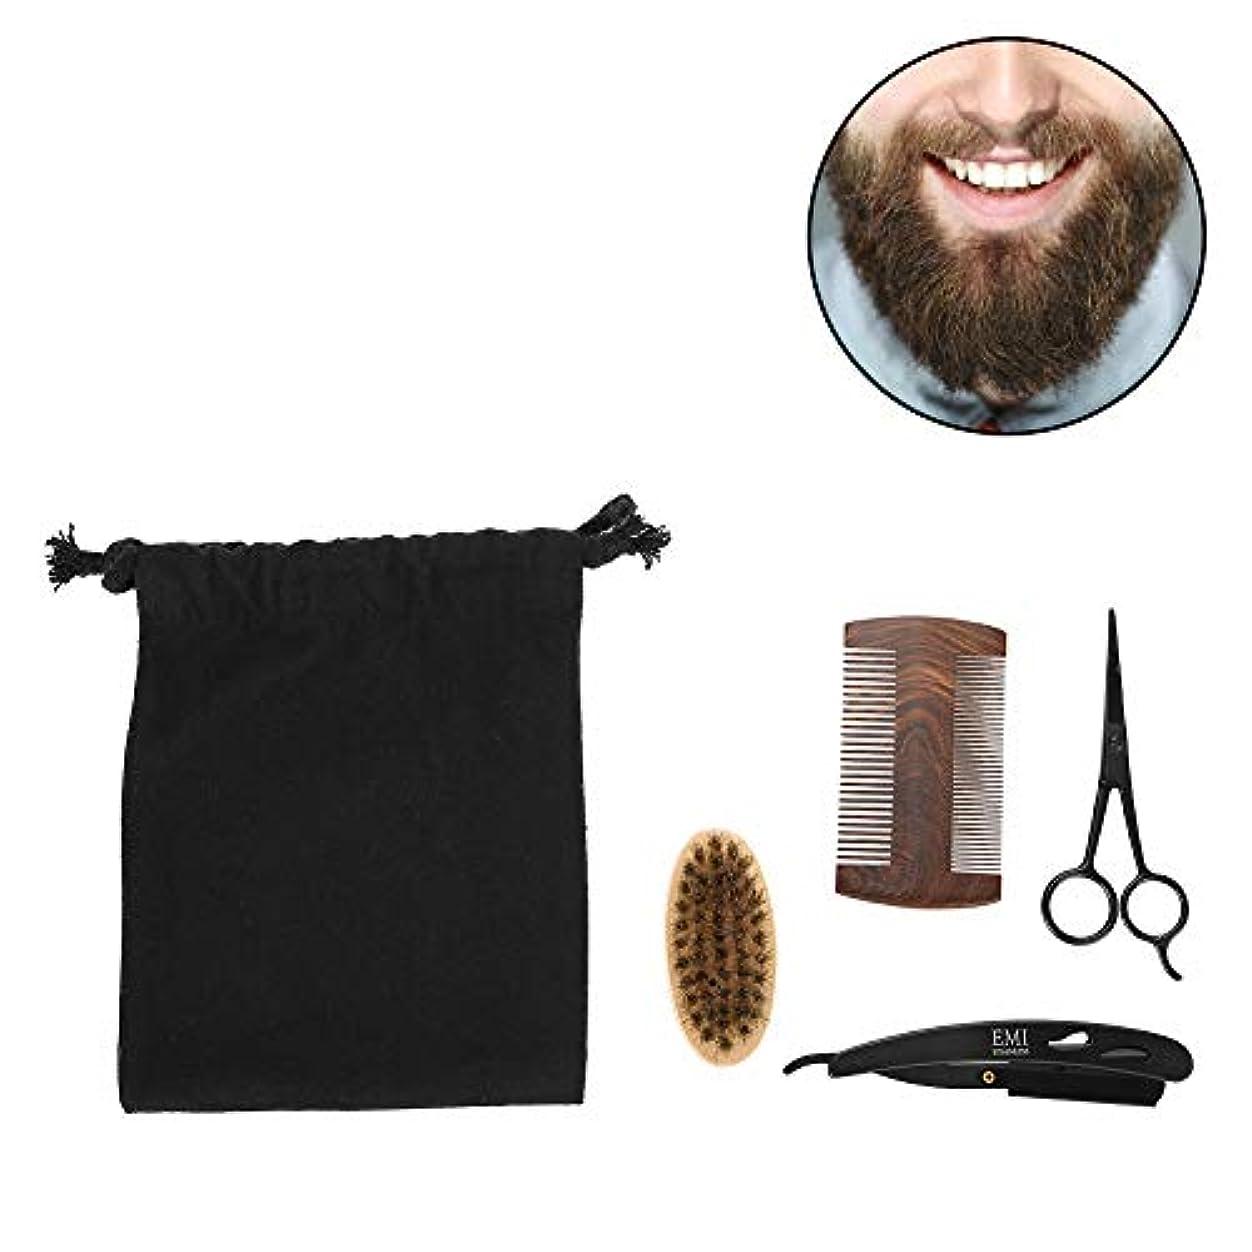 はげ光景地上の男性のためのSemmeひげグルーミングキット、ひげブラシセット、ひげケアセットスタイル男性のくしブラシはさみキットモデリングクリーニング修理セットとキャンバスバッグ